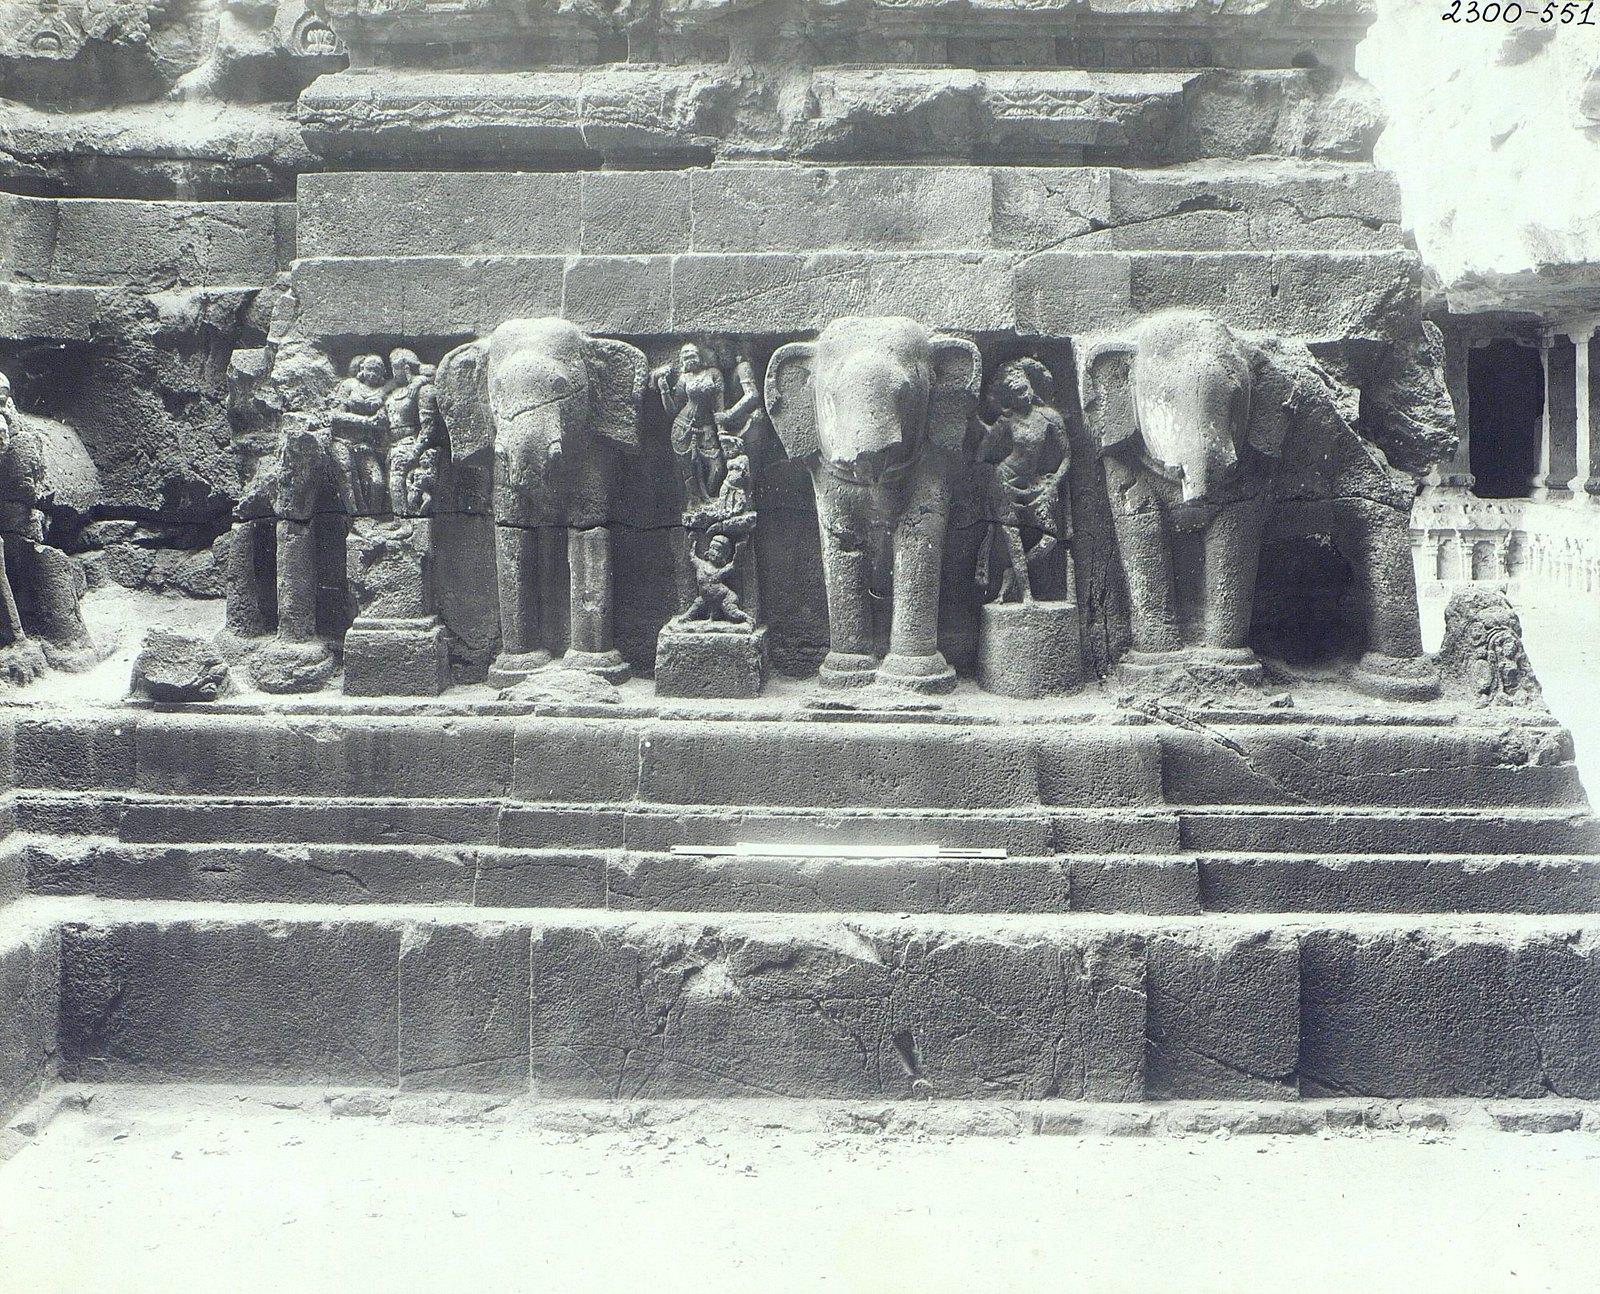 Храм Кайласа в Эллоре (деталь рельефа со слонами)